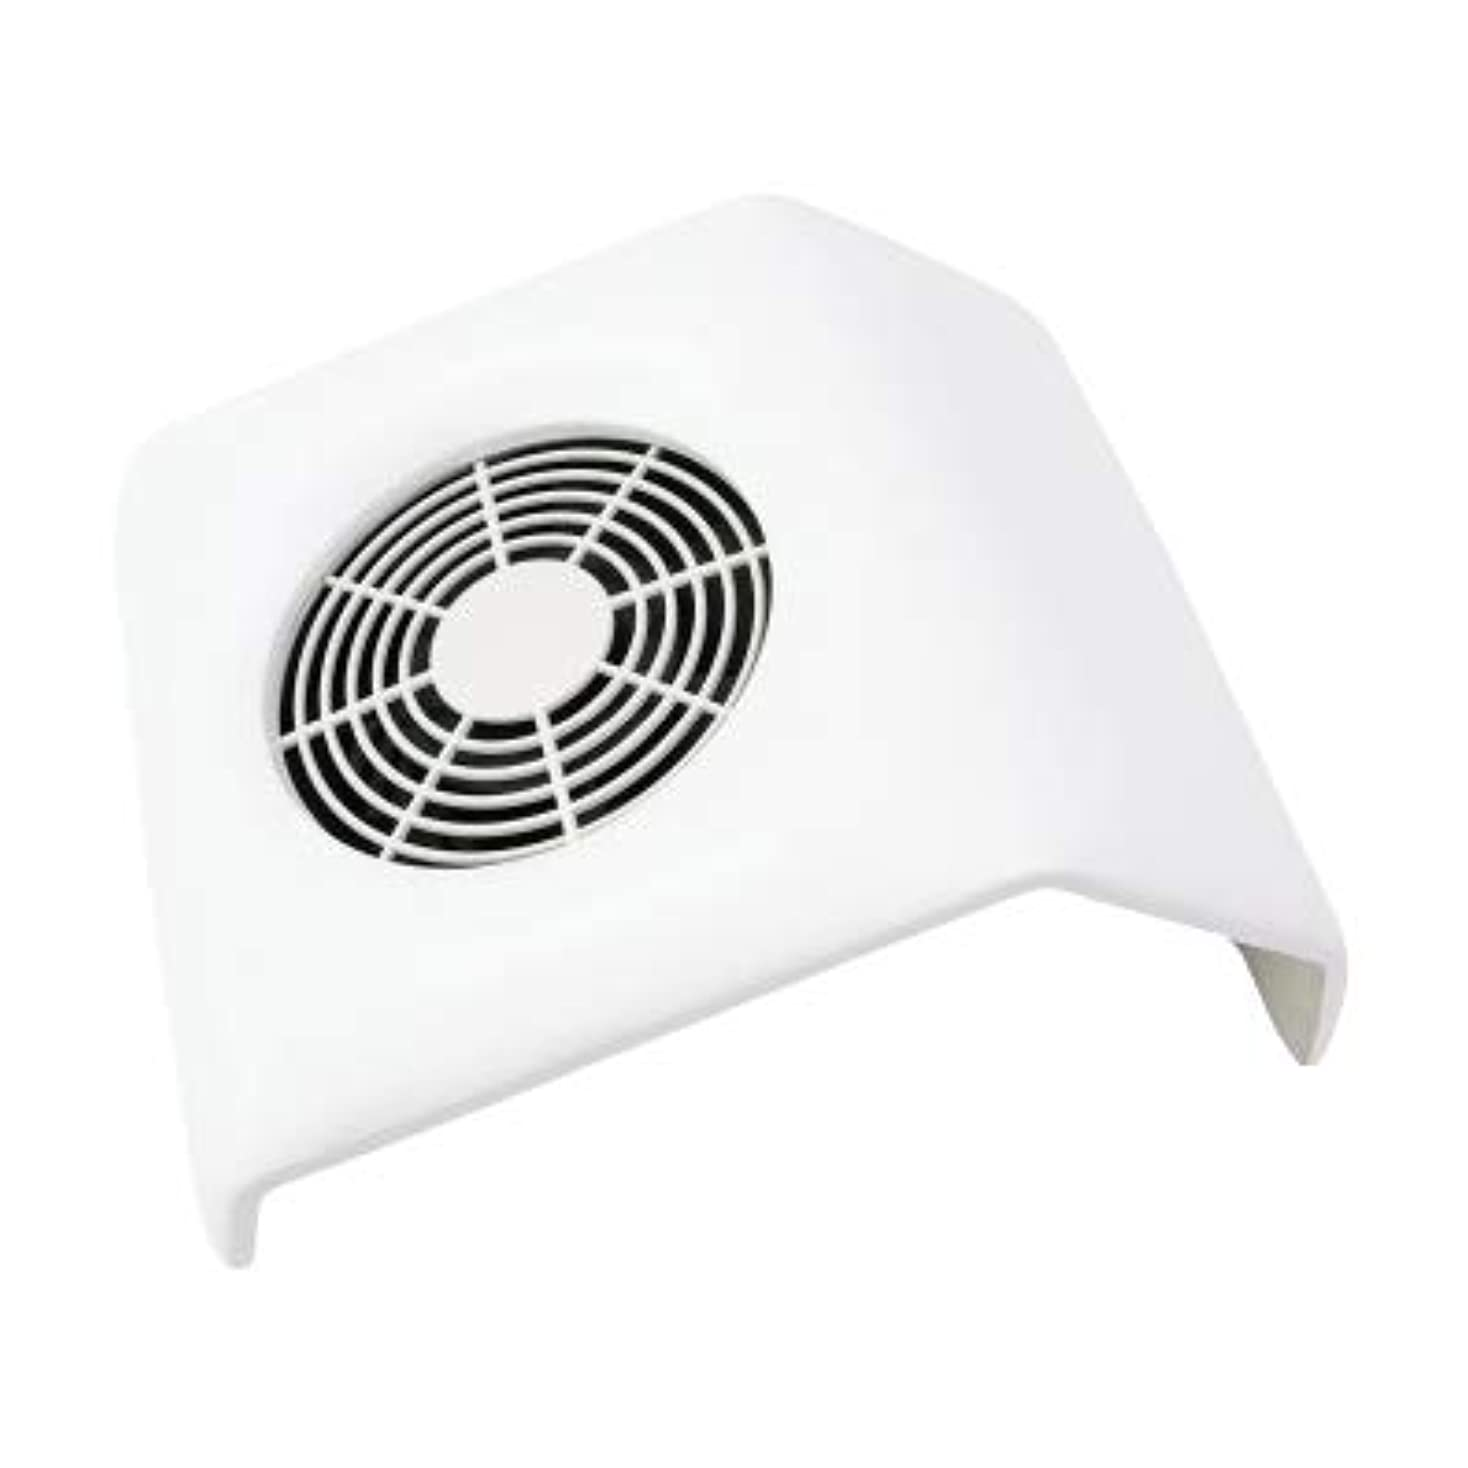 評議会草羊の集塵機 コンパクトタイプ ネイルダストクリーナー Compact Nail Dust Cleaner バッグ付き ネイルオフ ダストコレクター (ホワイト)